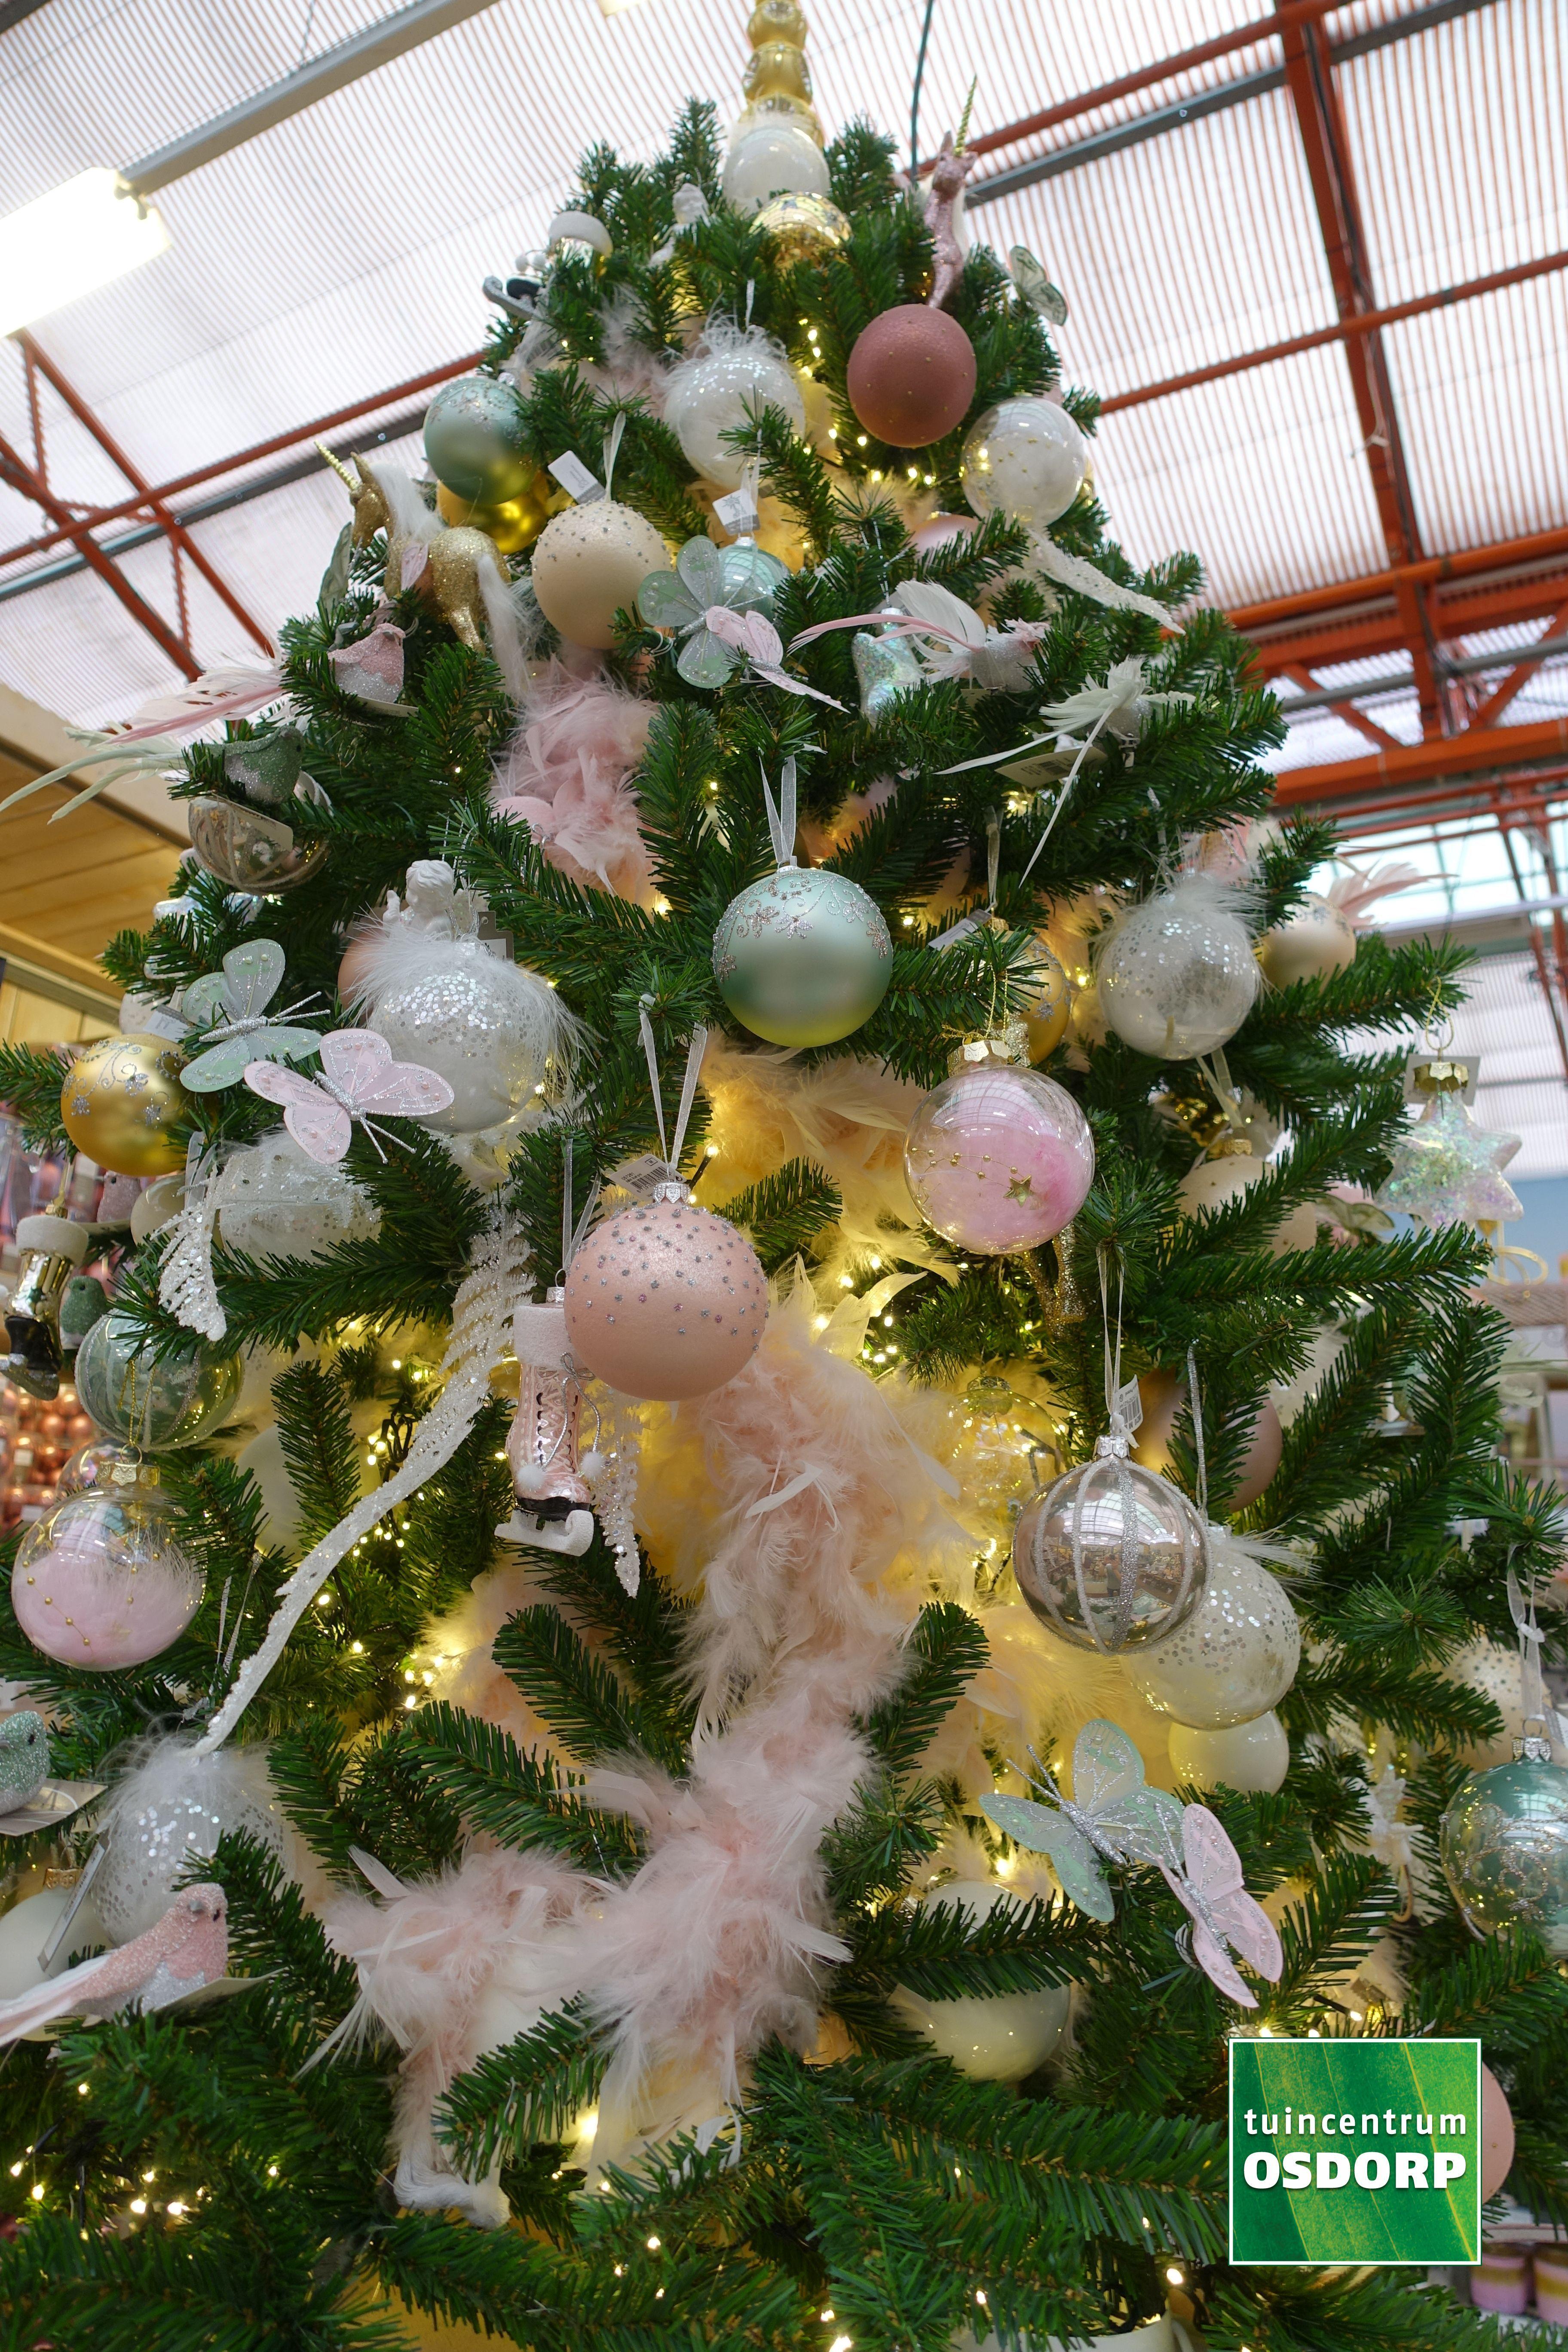 Kerst Inspiratie Bij De Kerstshow Van Tuincentrum Osdorp Kerstboom Versiering In De Kleuren Roze Parel Linnen Goud E Kerstboom Versieringen Kerstboom Kerst